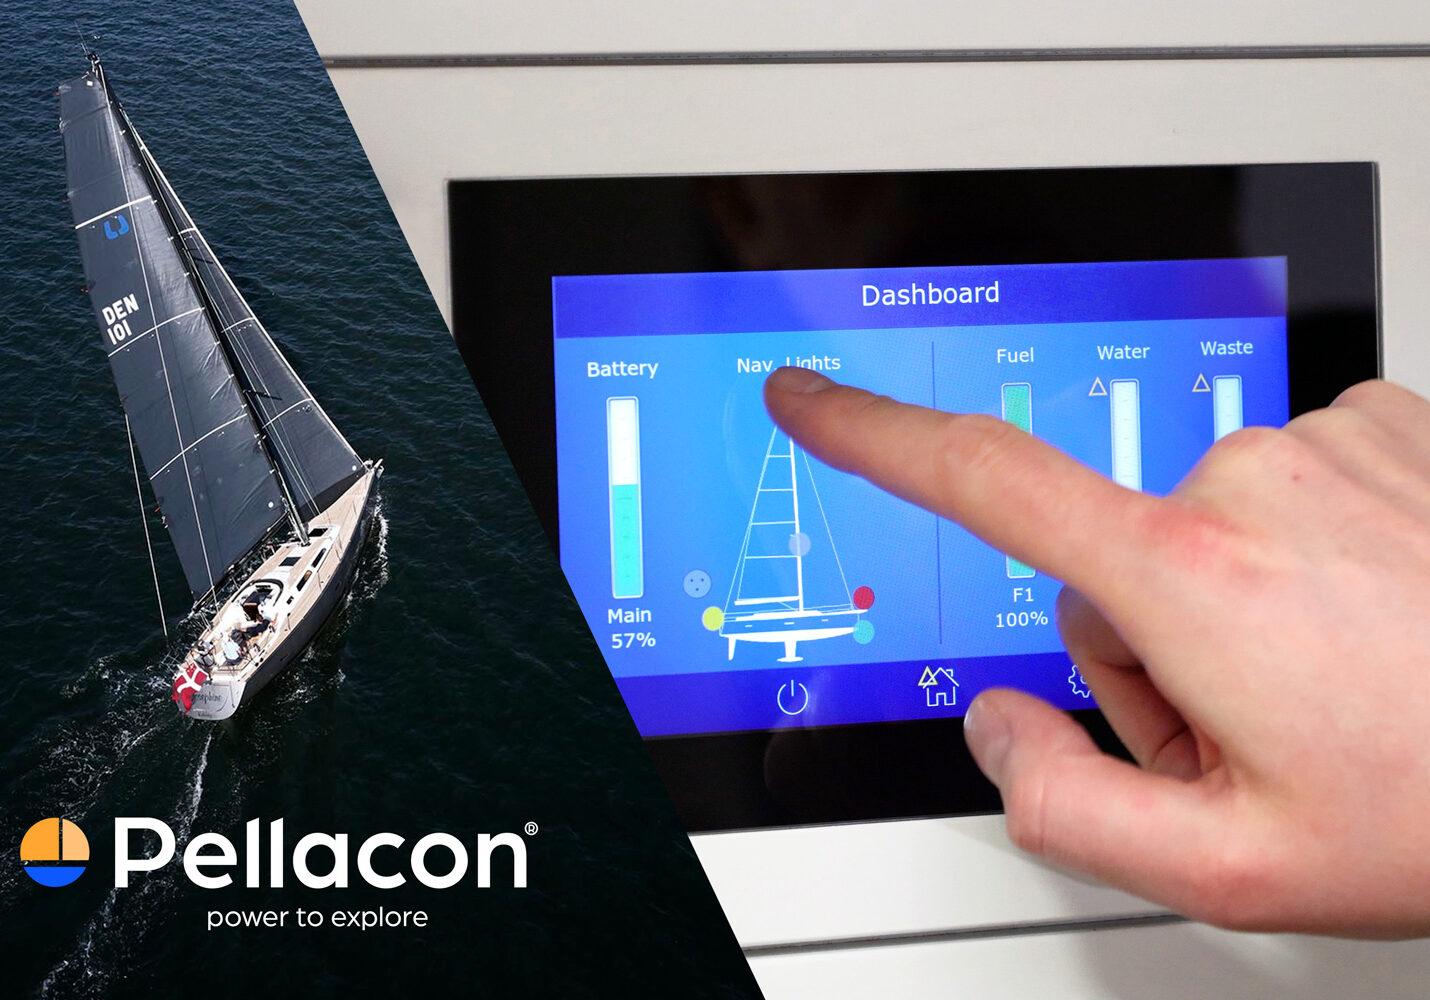 Pellacon-dashboard